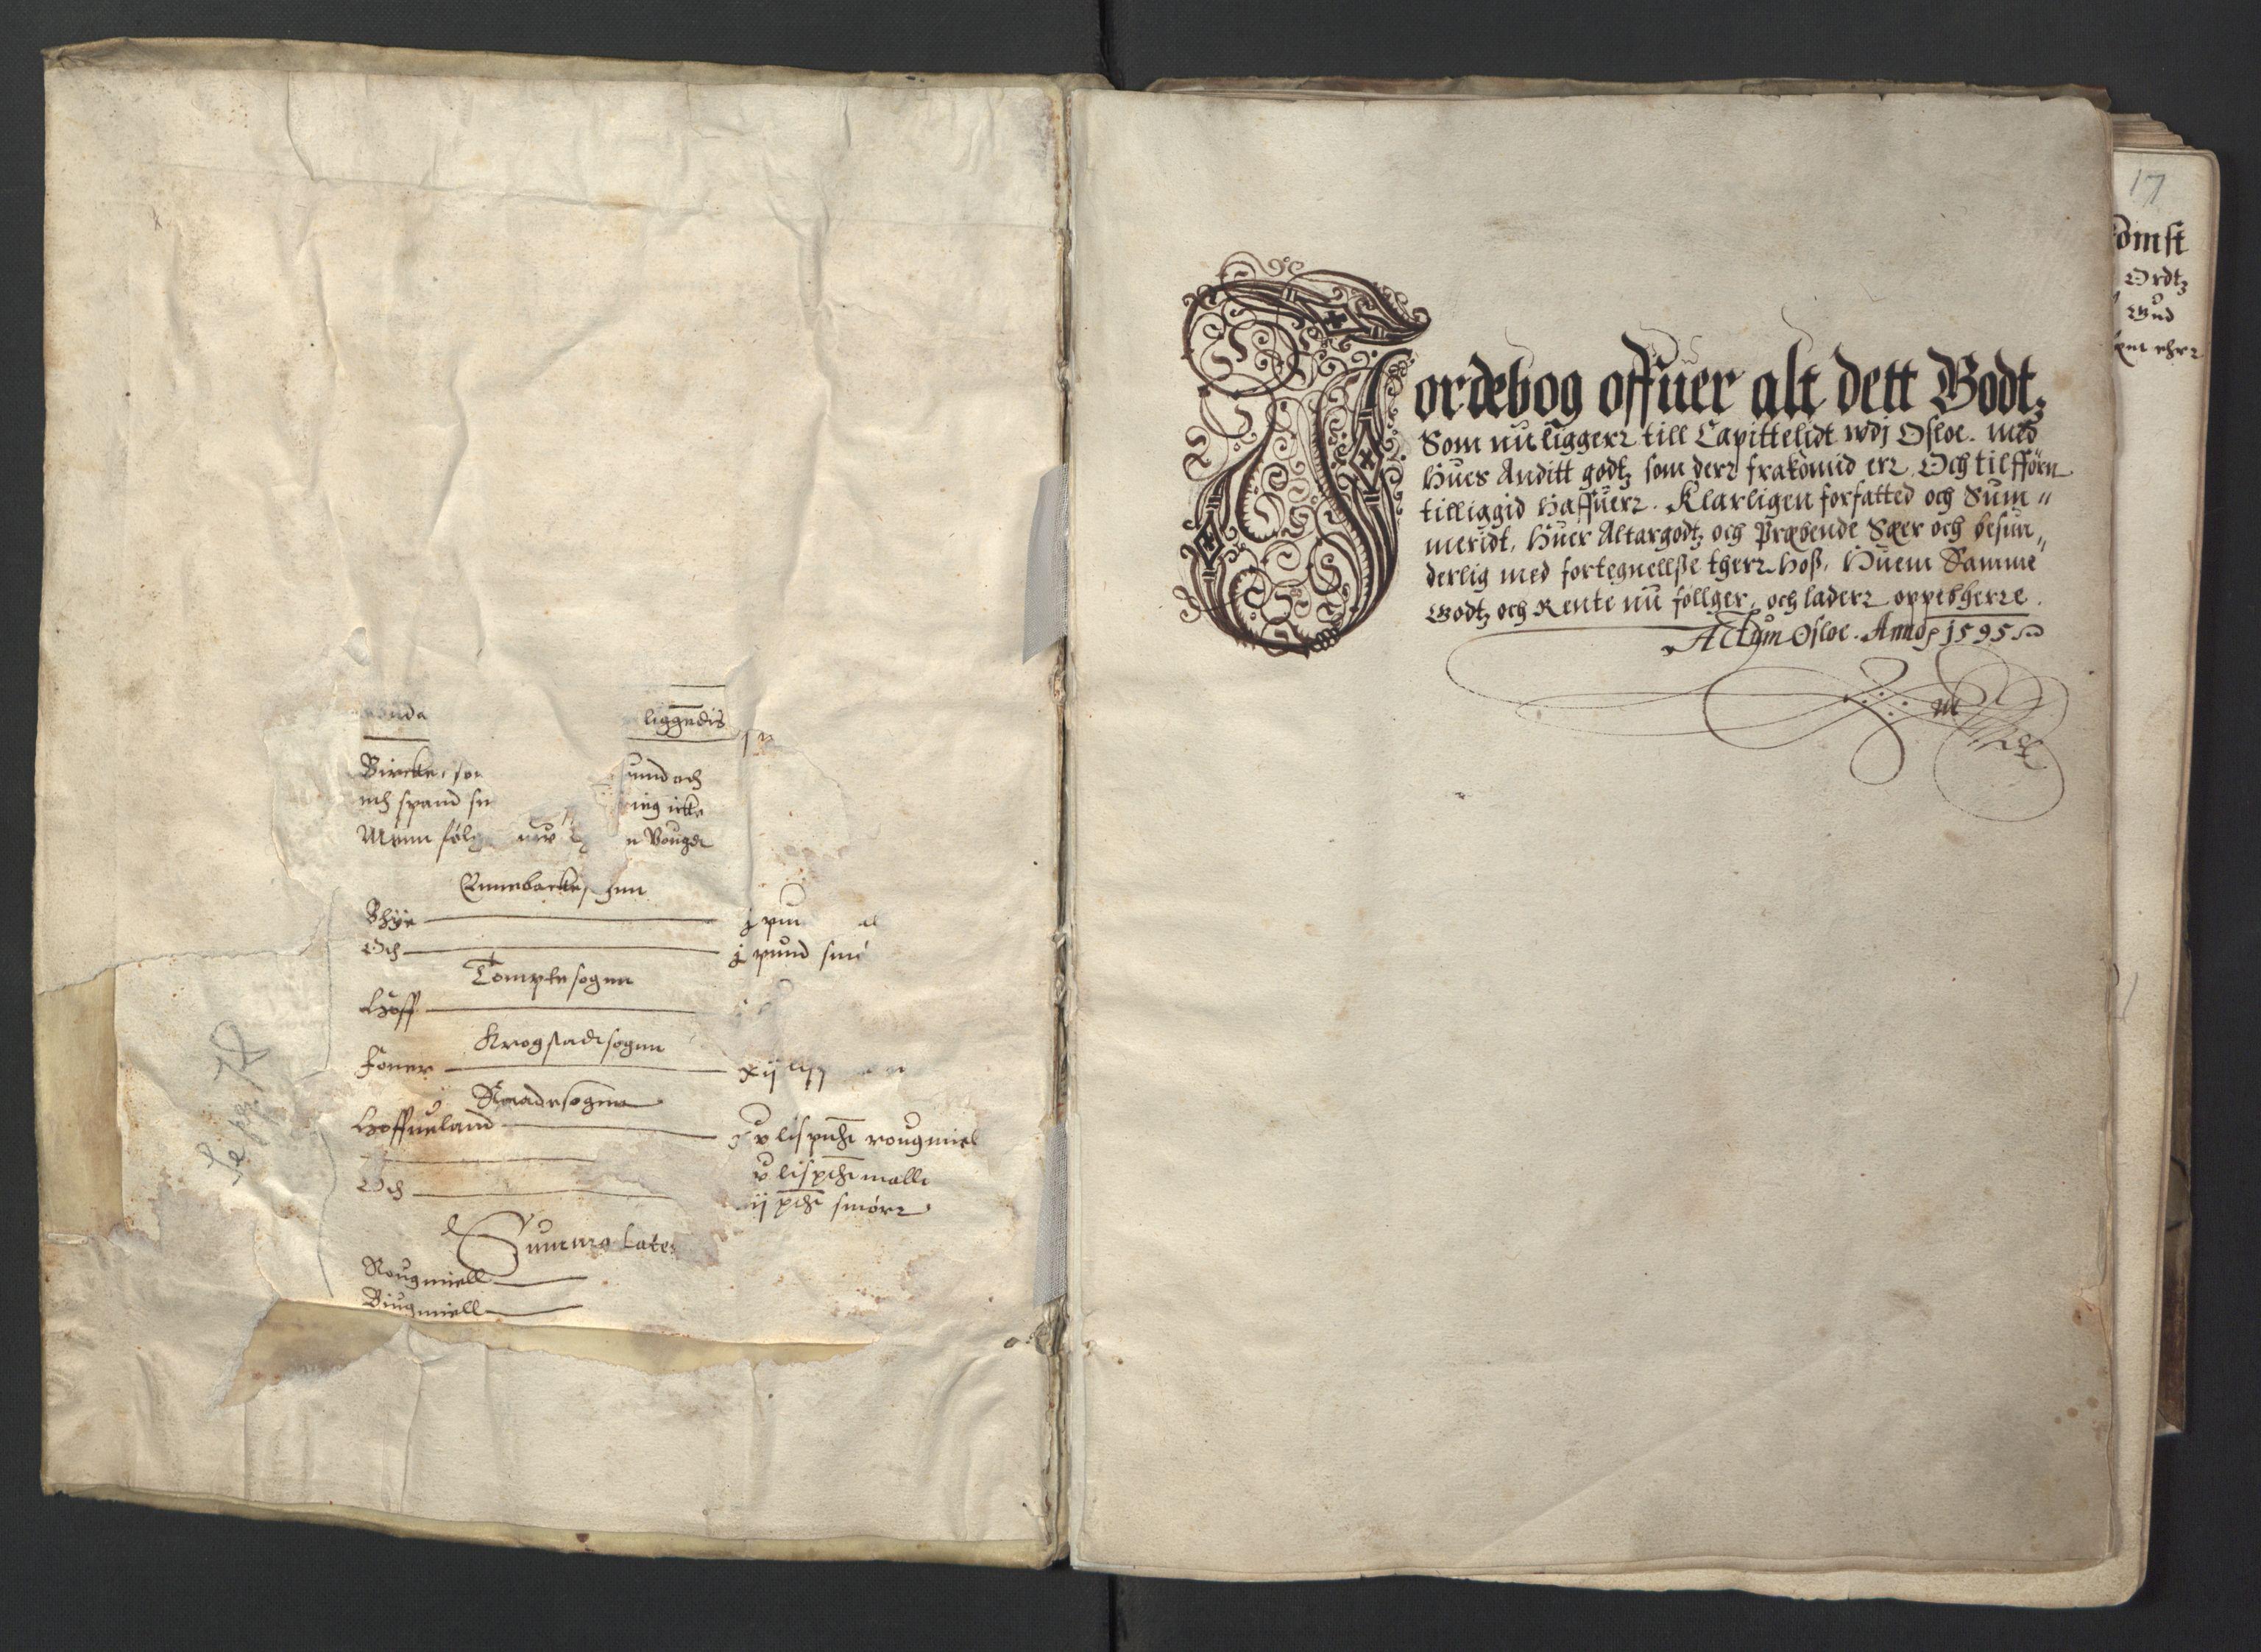 RA, Stattholderembetet 1572-1771, Ek/L0001: Jordebøker før 1624 og til utligning av garnisonsskatt 1624-1626:, 1595, s. upaginert